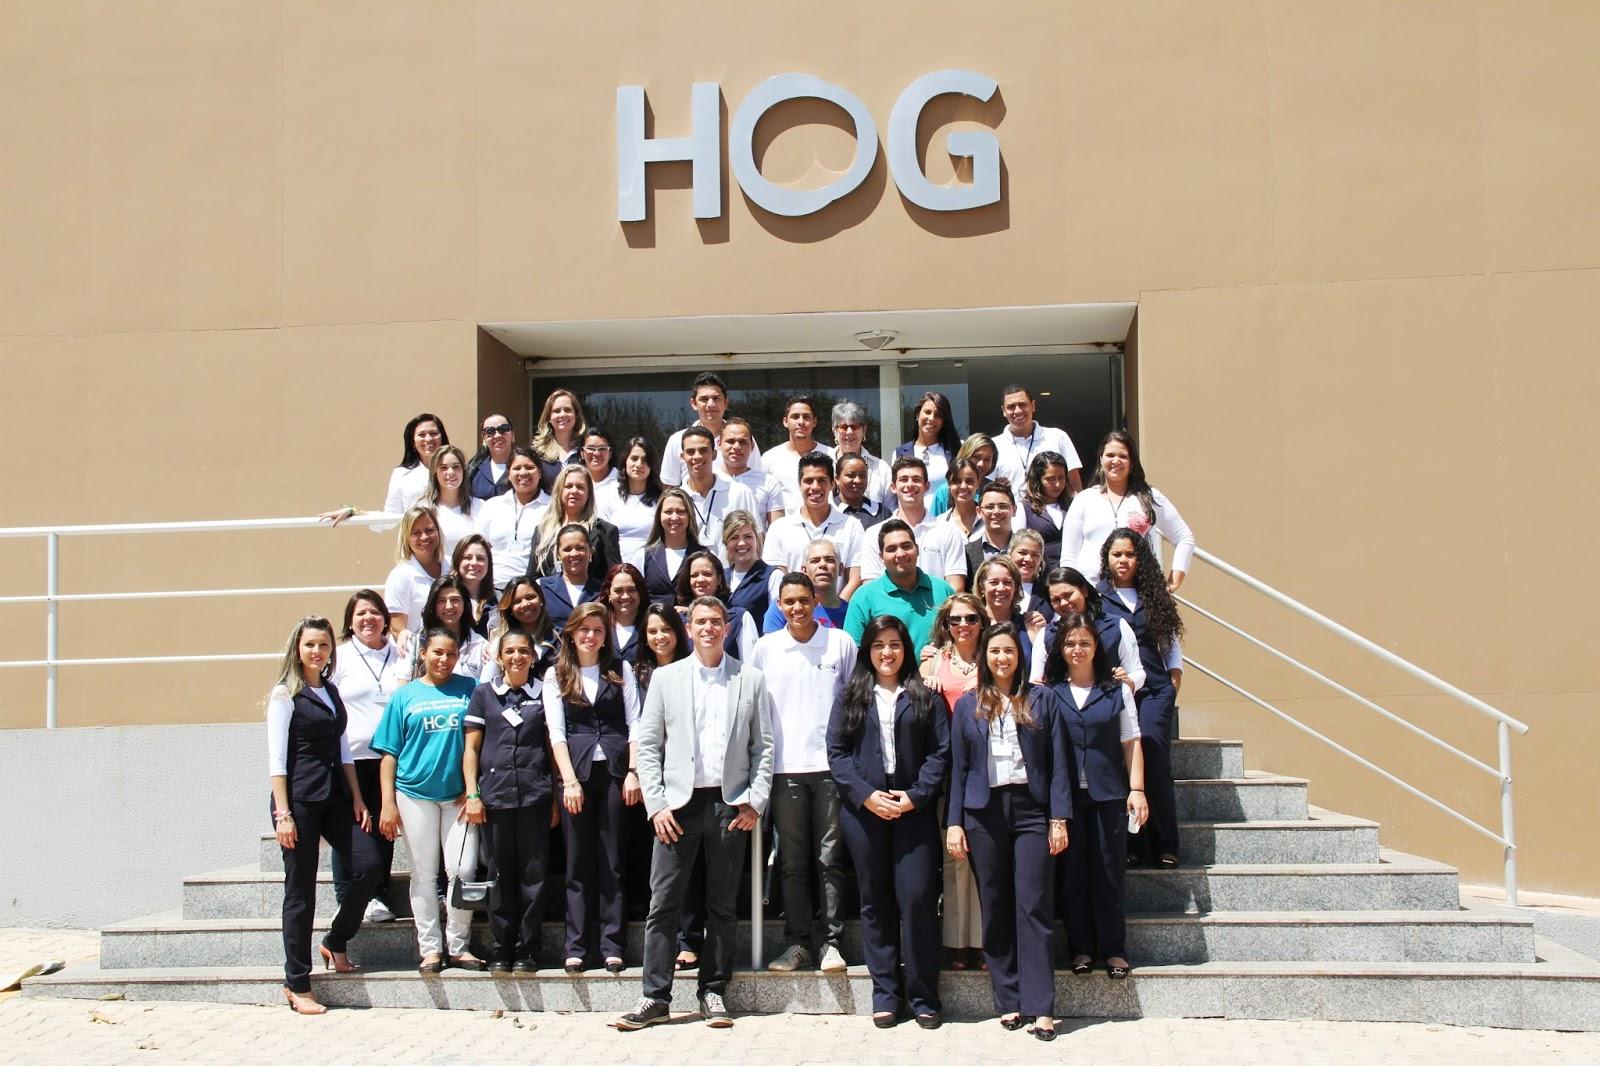 ff75ee7676994 Colaboradores do grupo INOB estiveram no HOG (Hospital de Olhos do Gama)  para conhecer as instalações do novo hospital. Na ocasião, foram recebidos  com um ...